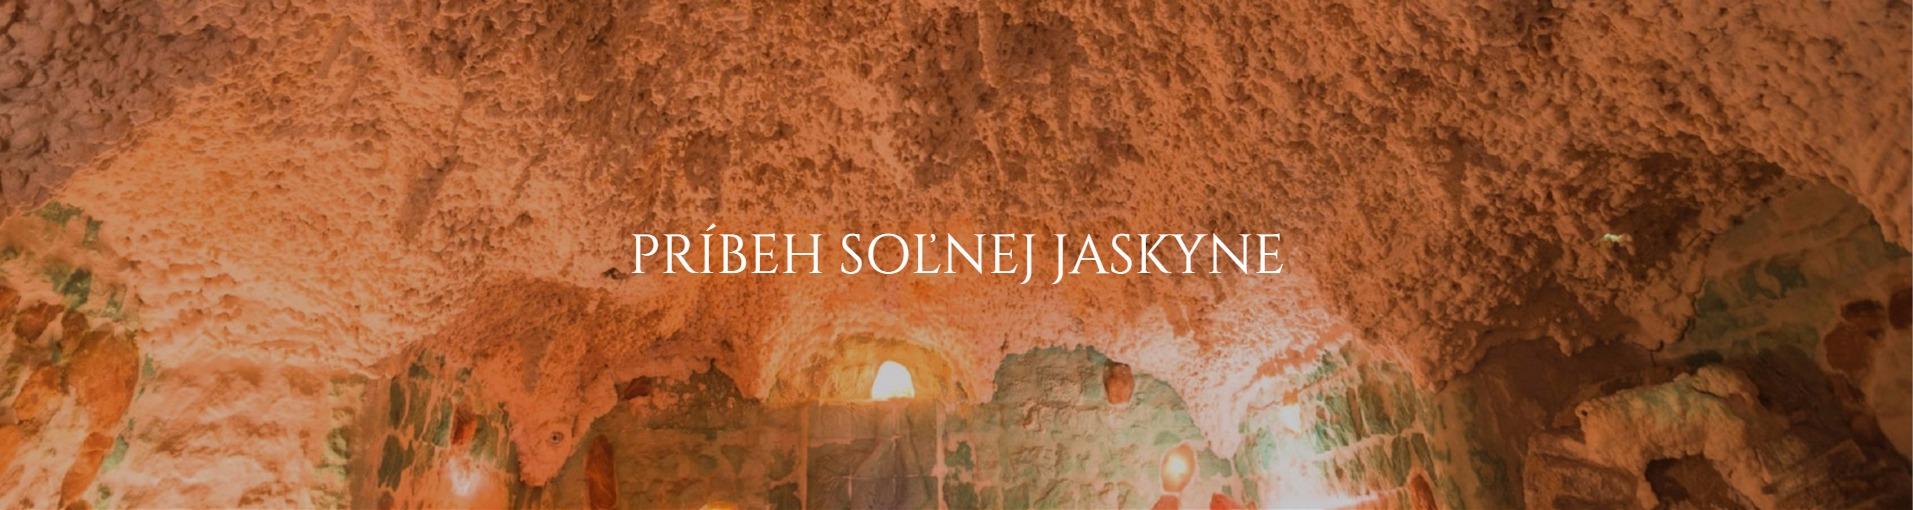 Pribeh solnej jaskyne